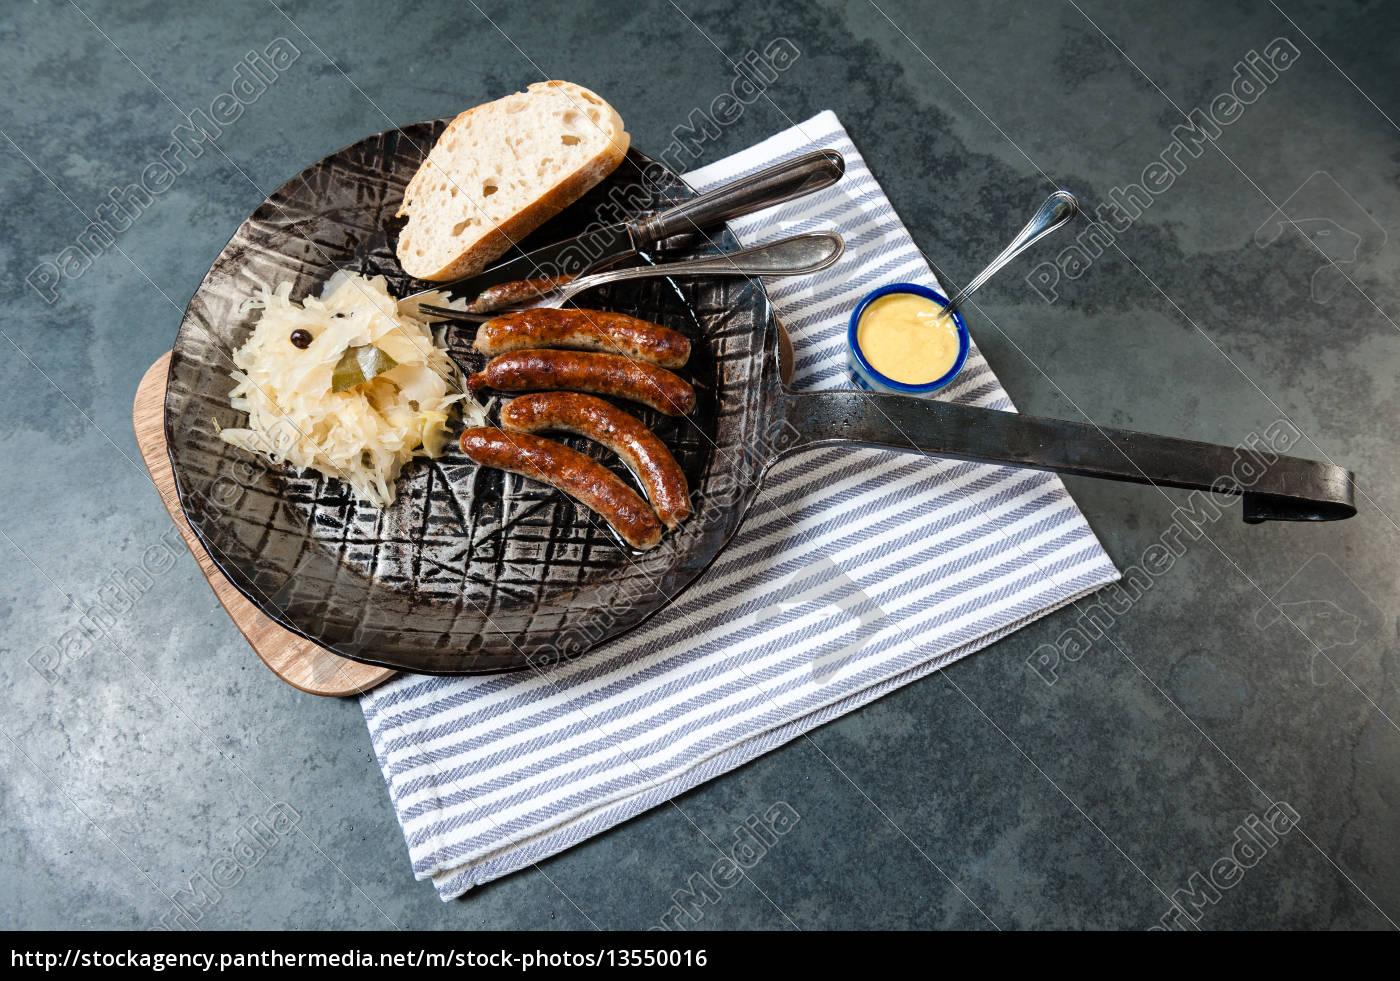 salsichas, da, oxidação, com, o, chucrute - 13550016